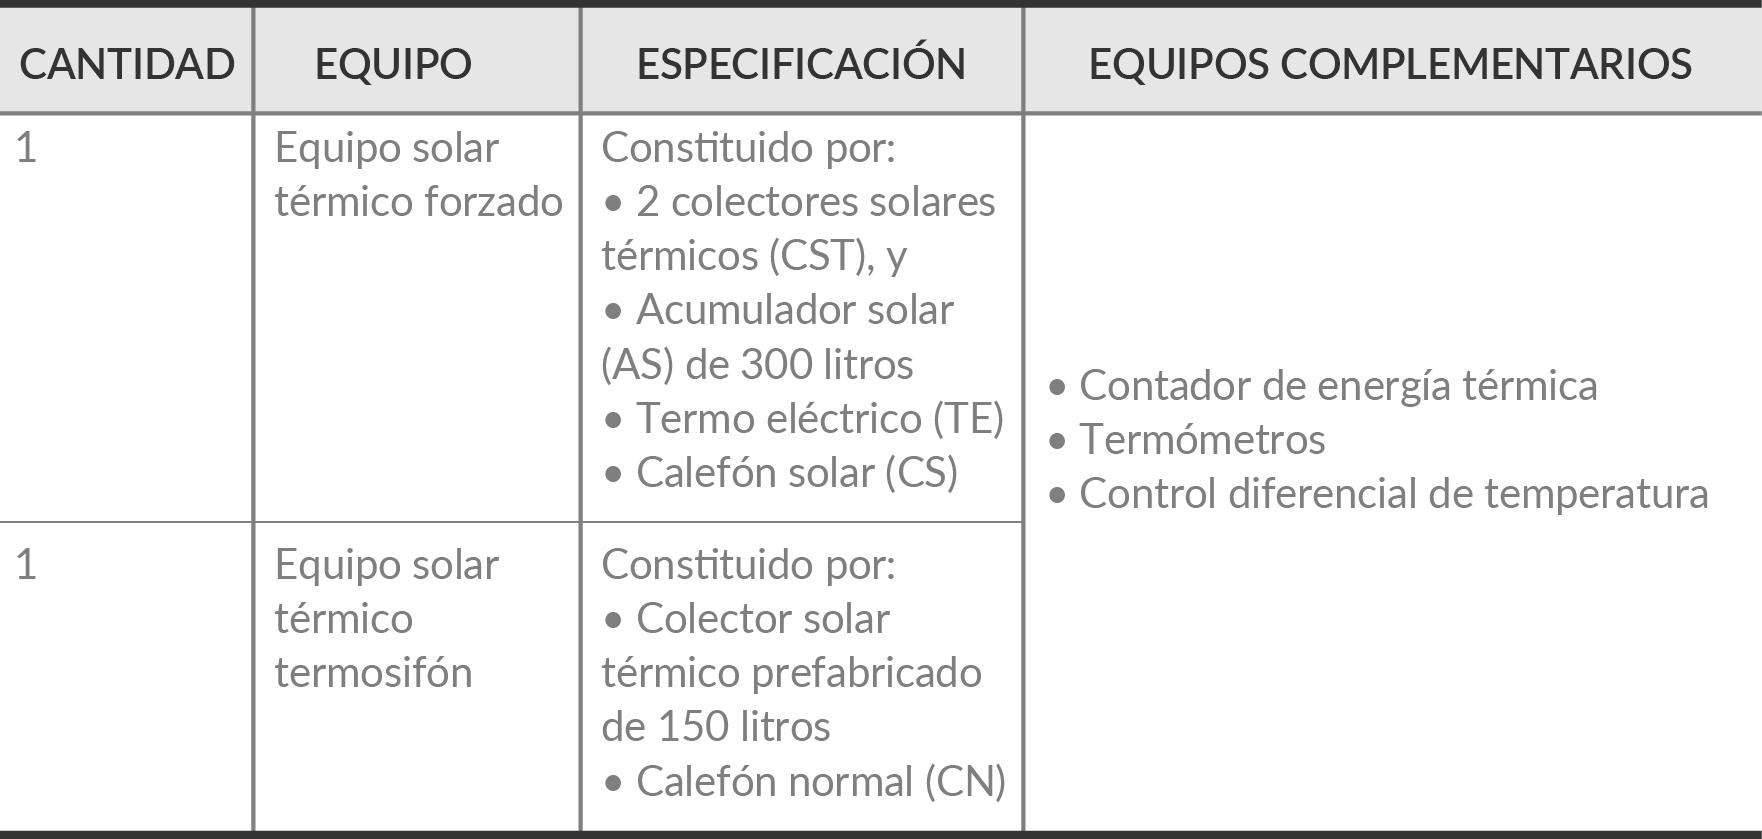 tablas_configuraciones-tecnicas